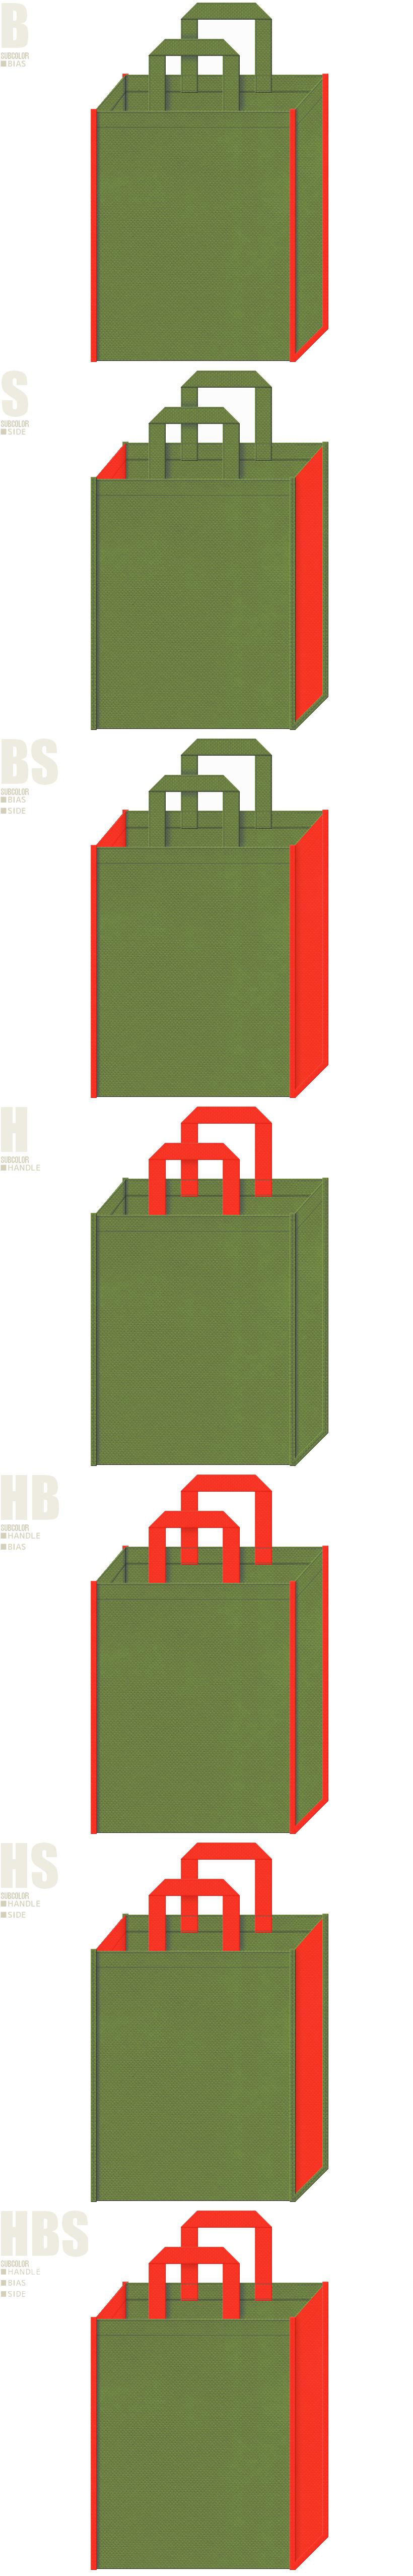 草色とオレンジ色、7パターンの不織布トートバッグ配色デザイン例。